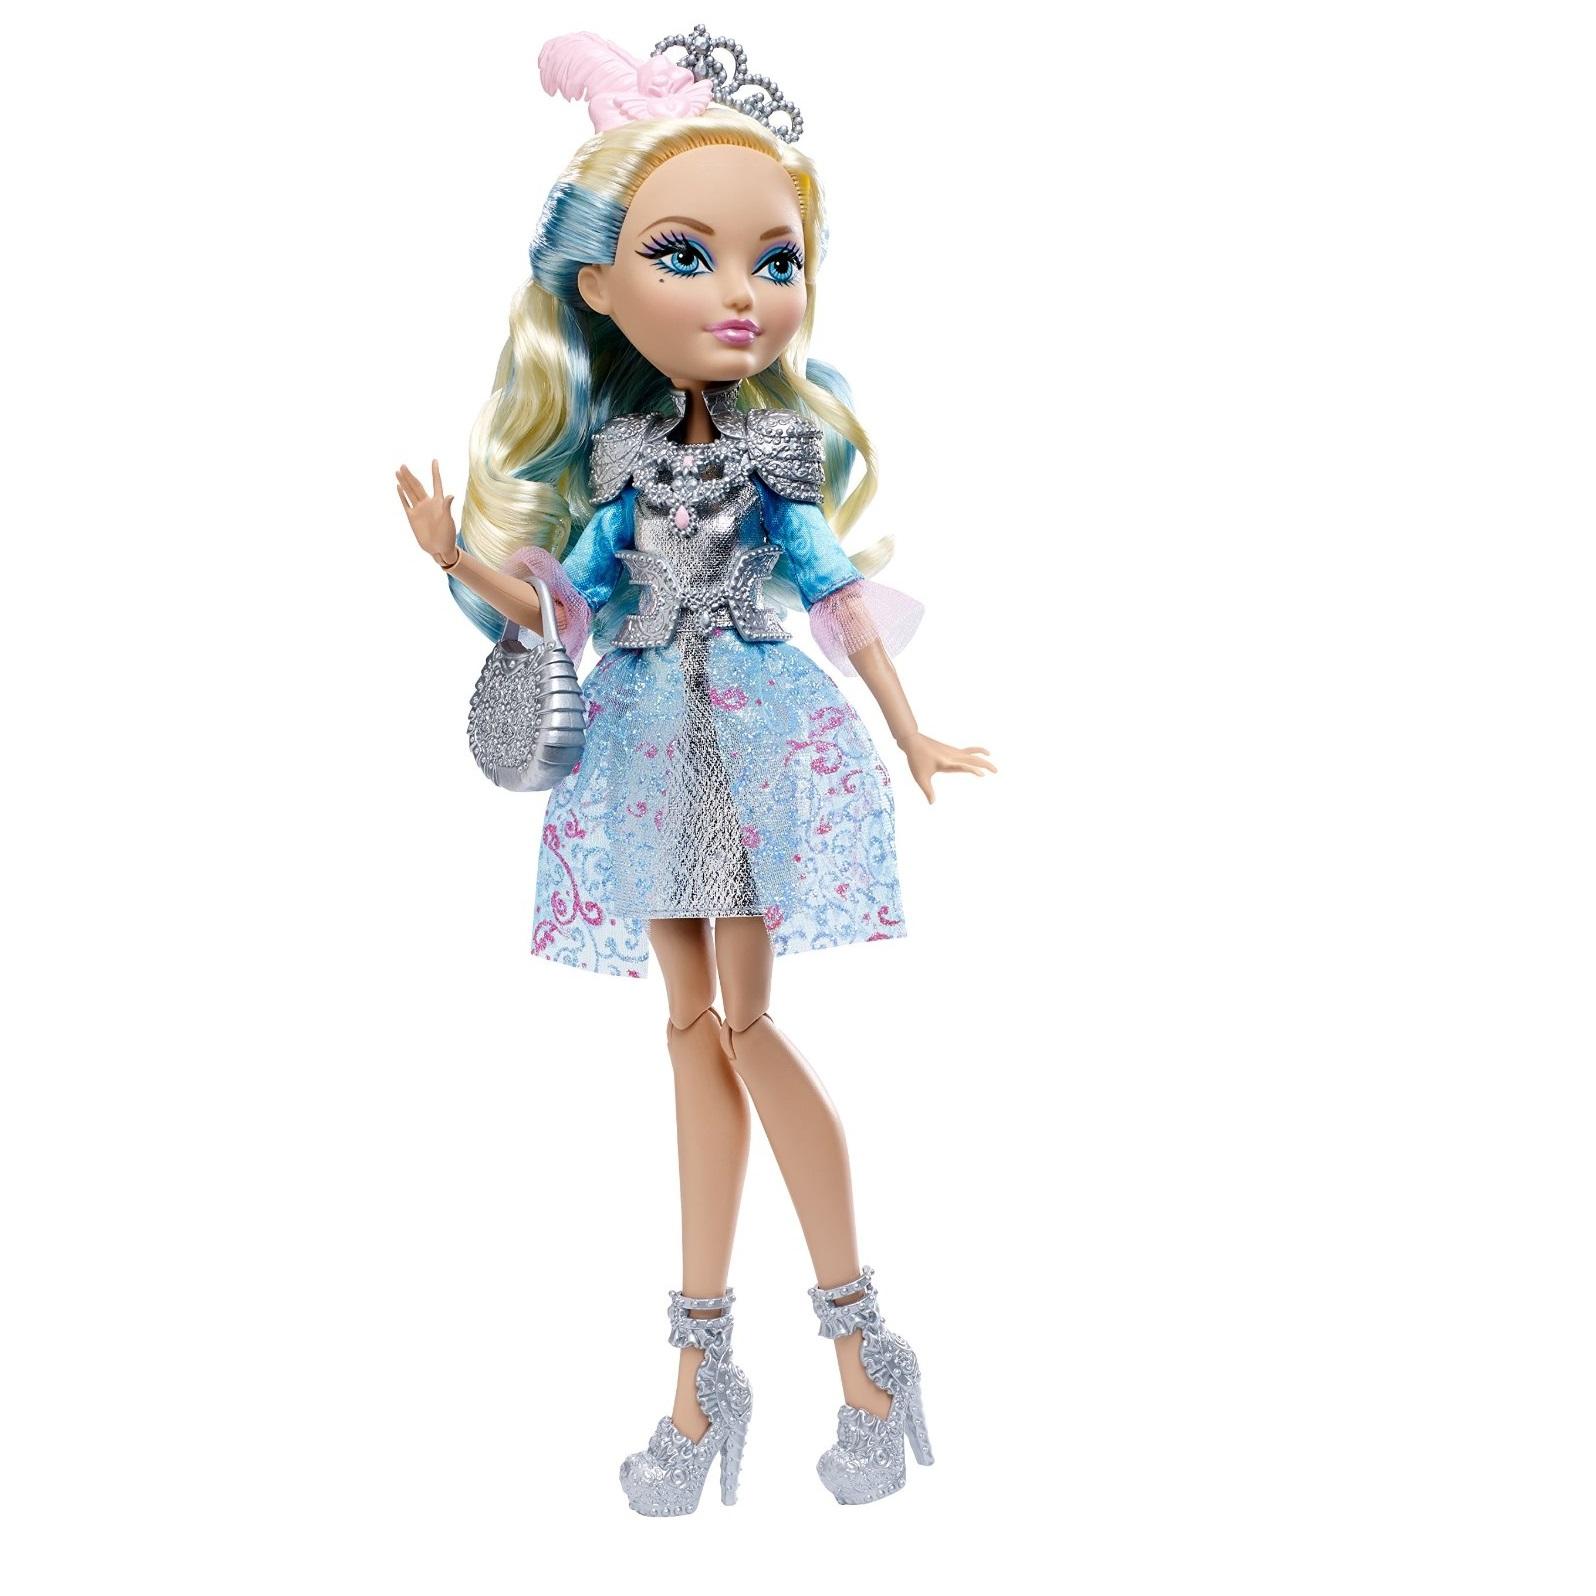 может картинки про кукол эвэрафтар хай азербайджана